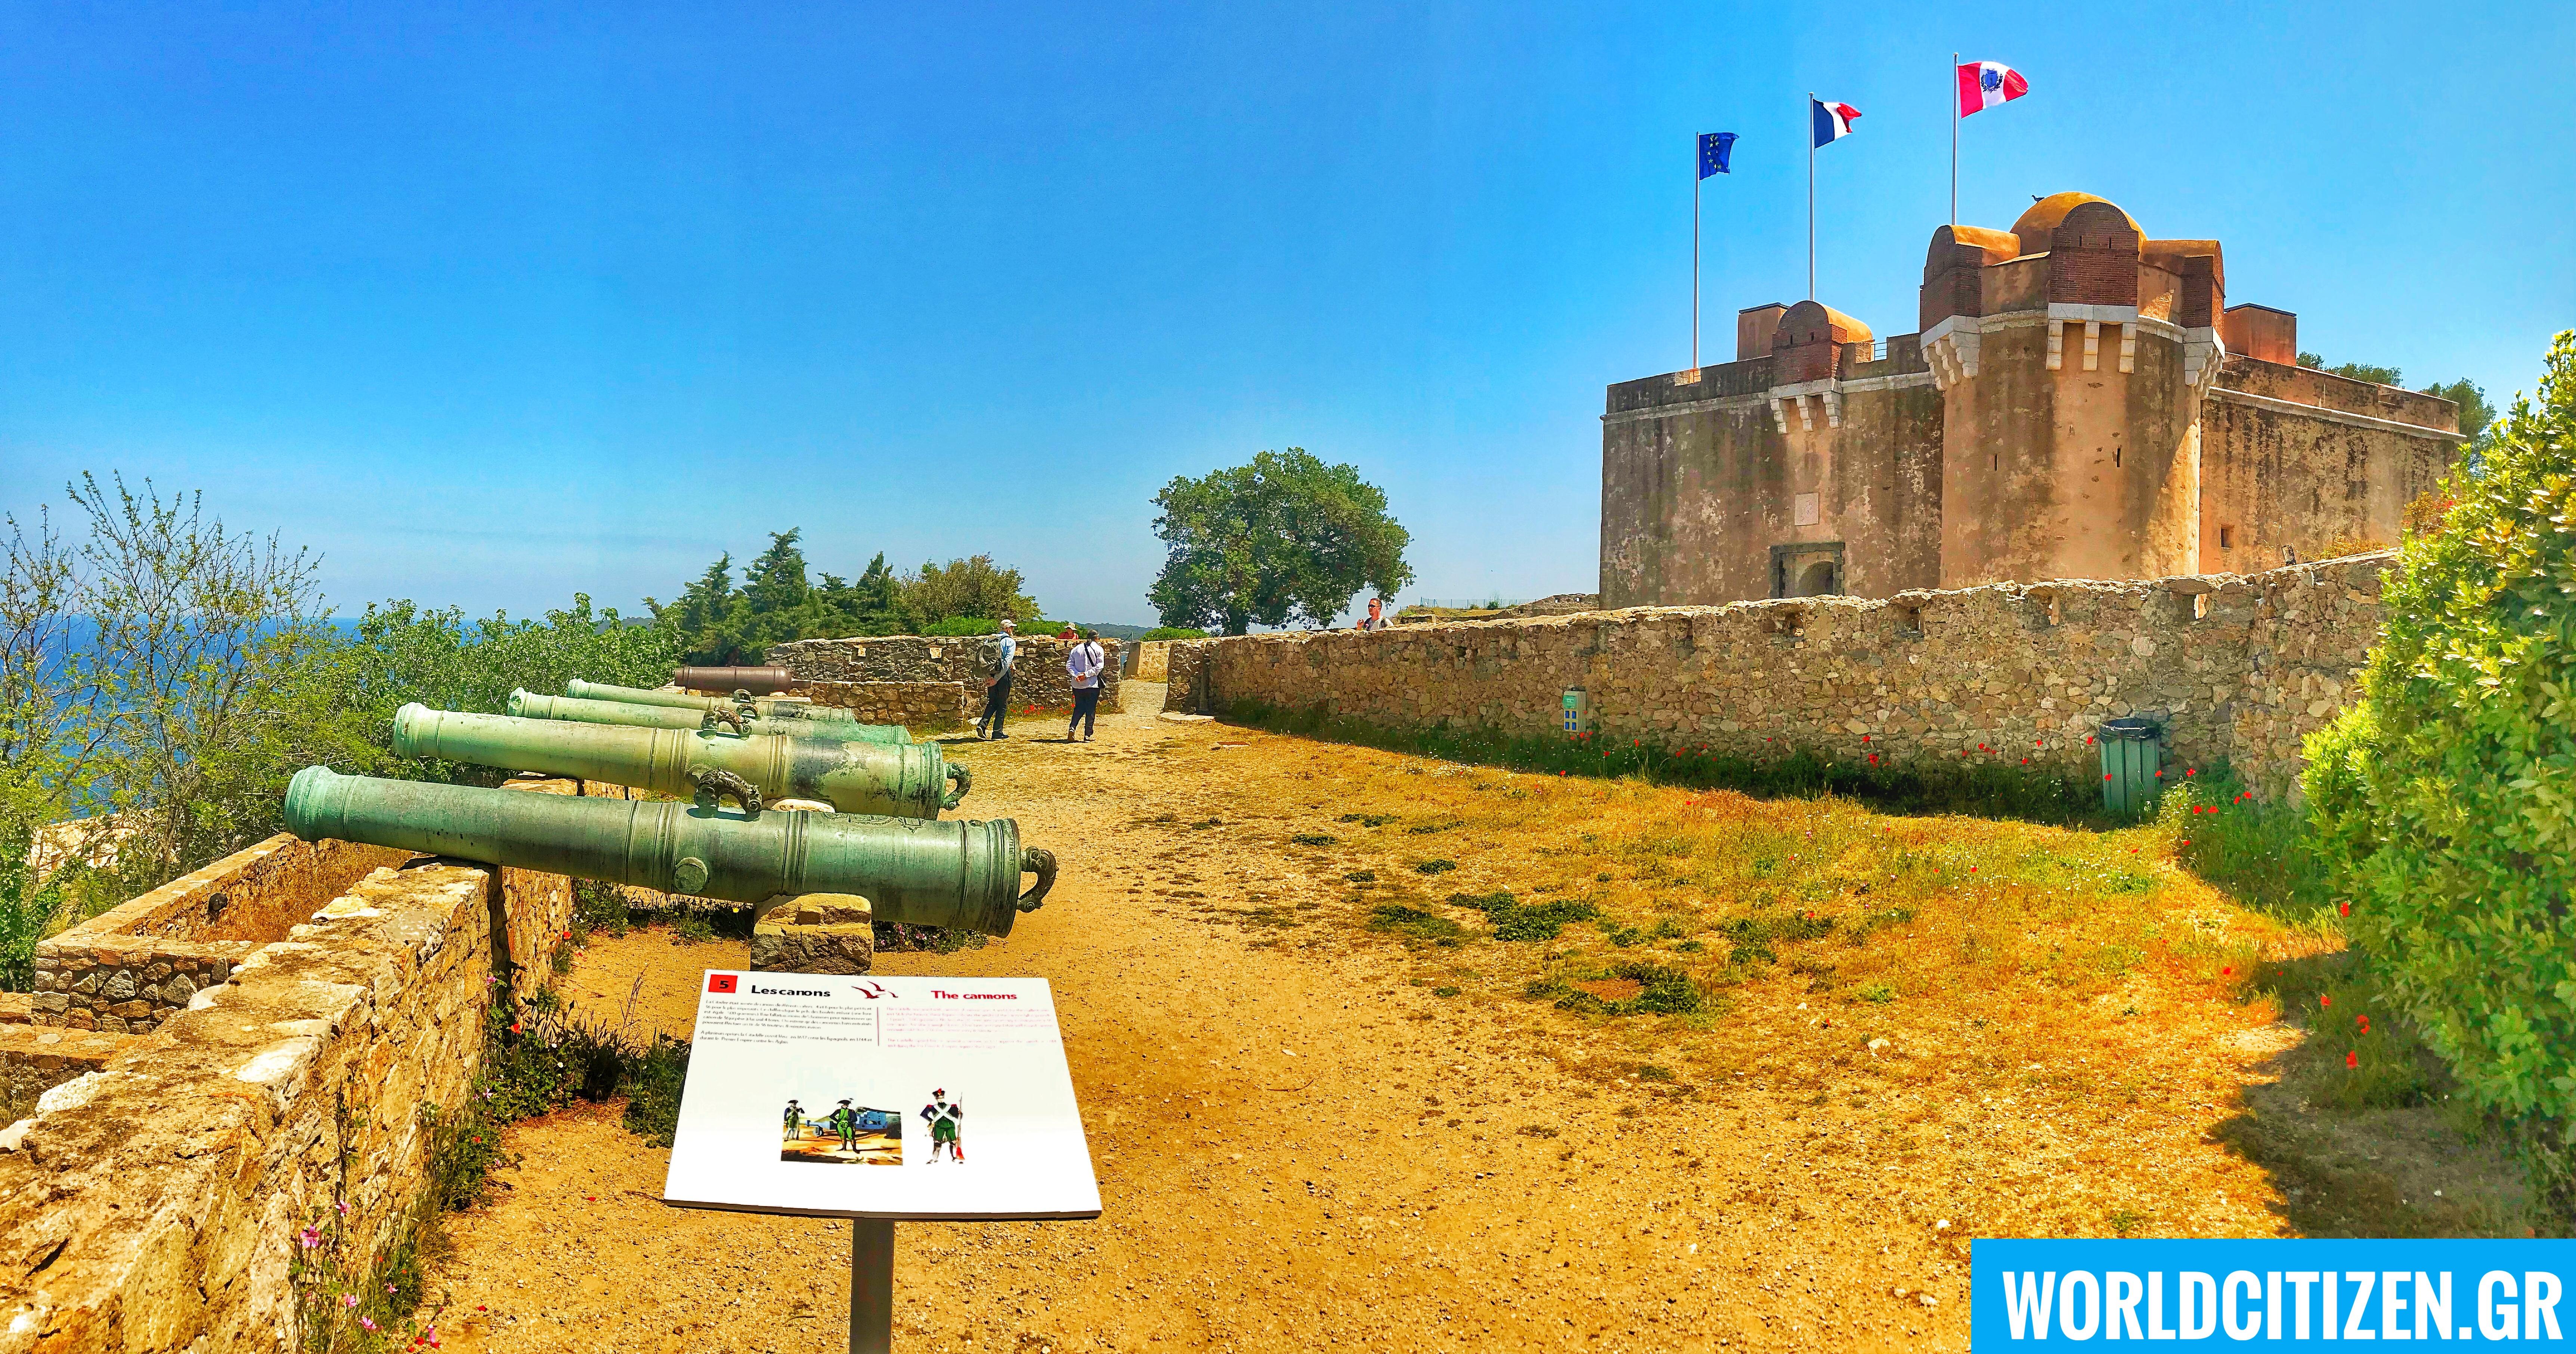 Κάστρο Citadelle σε κοντινό λόφο στο λιμάνι - κέντρο του Σαιντ Τροπέζ.